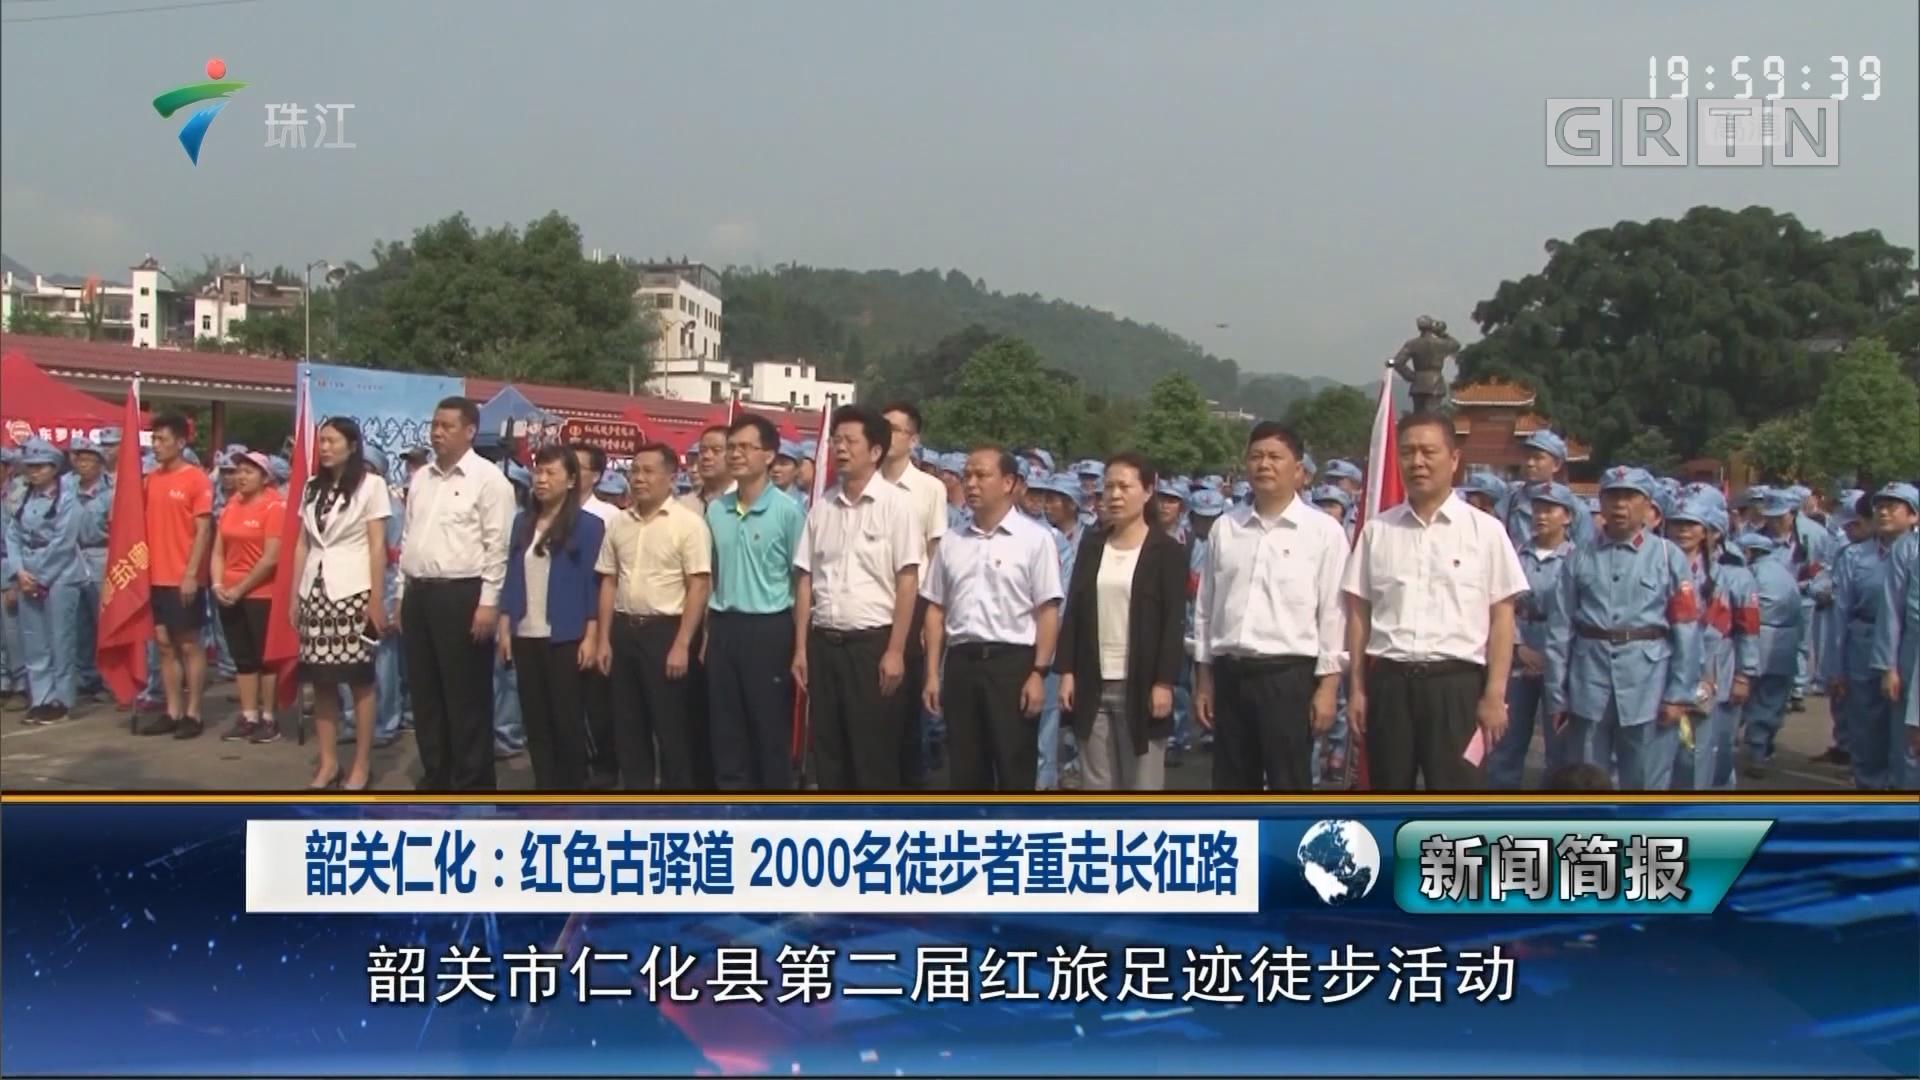 韶关仁化:红色古驿道 2000名徒步者重走长征路